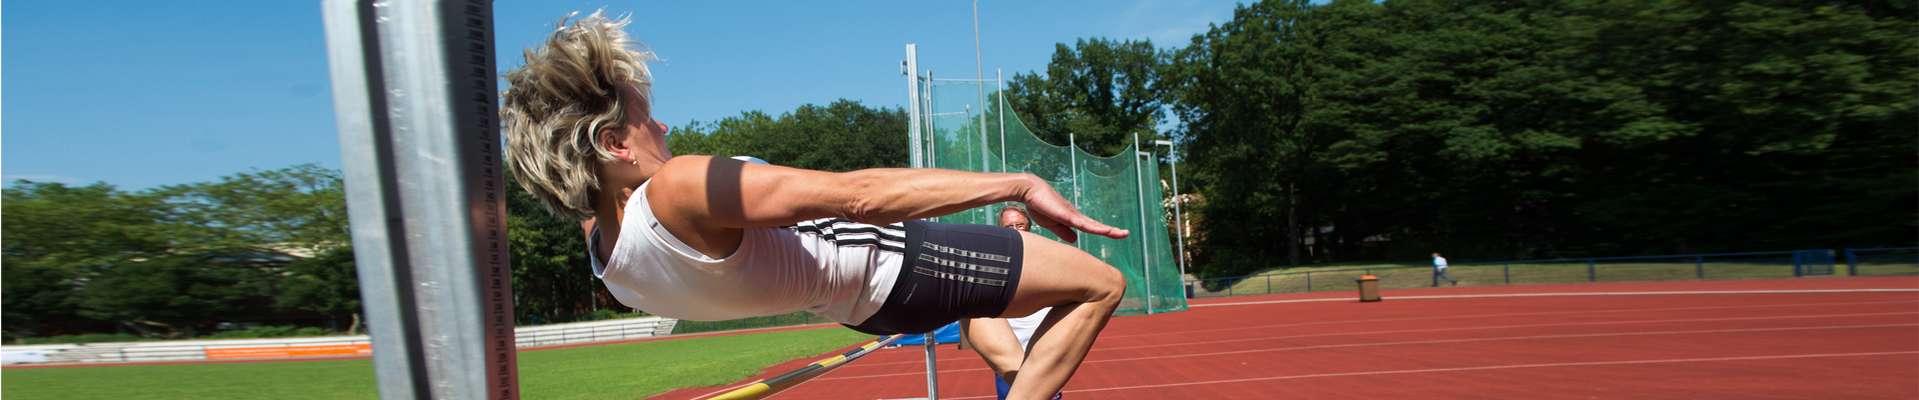 Headerbild Sportabzeichen Wettbewerbe: Frau beim Hochsprung